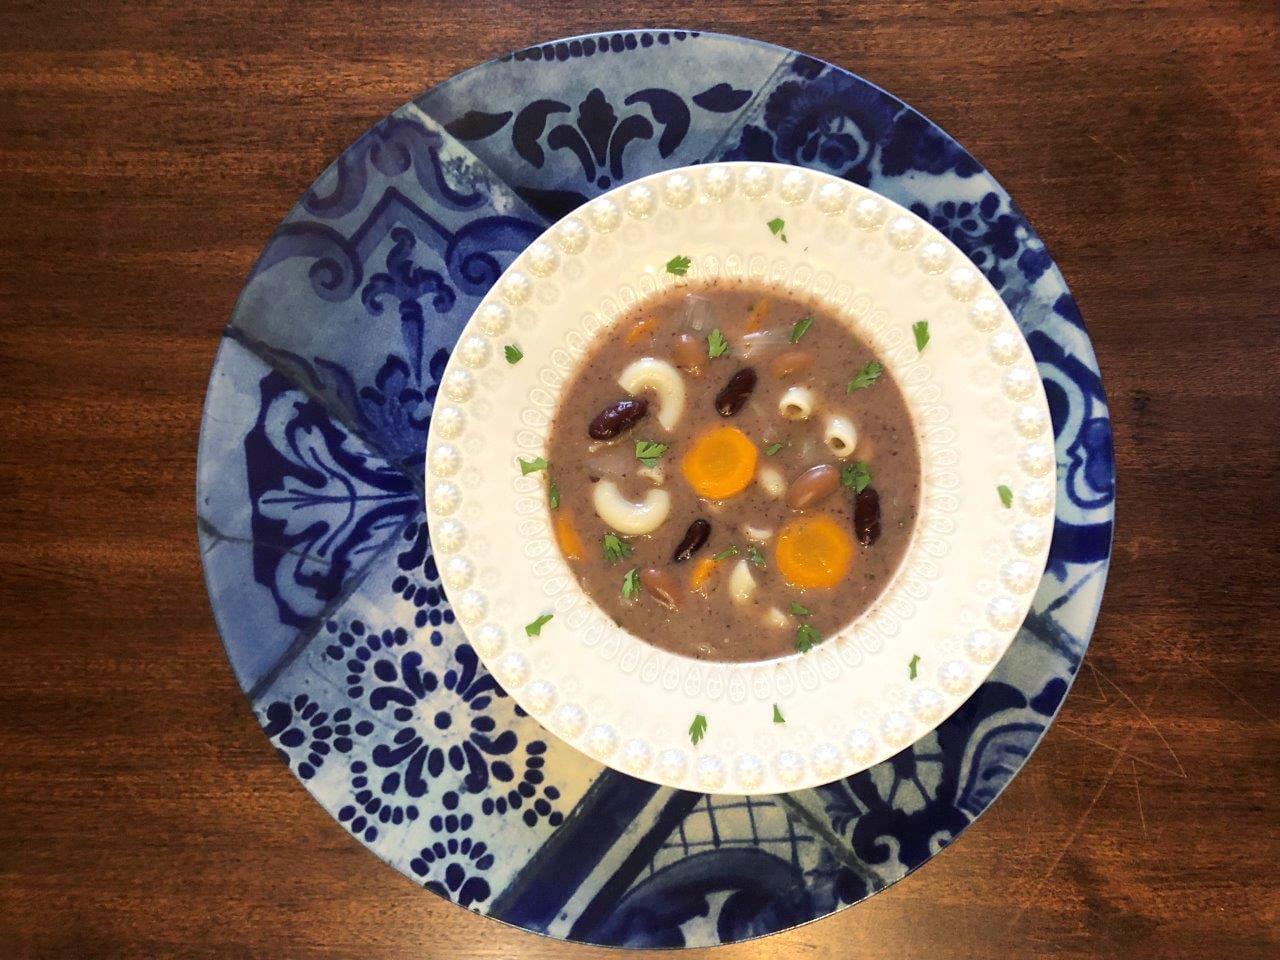 Sopa de dois Feijões com Coentros sopa de dois feijões com coentros Sopa de dois Feijões com Coentros dois Feijoes com Coentros 8